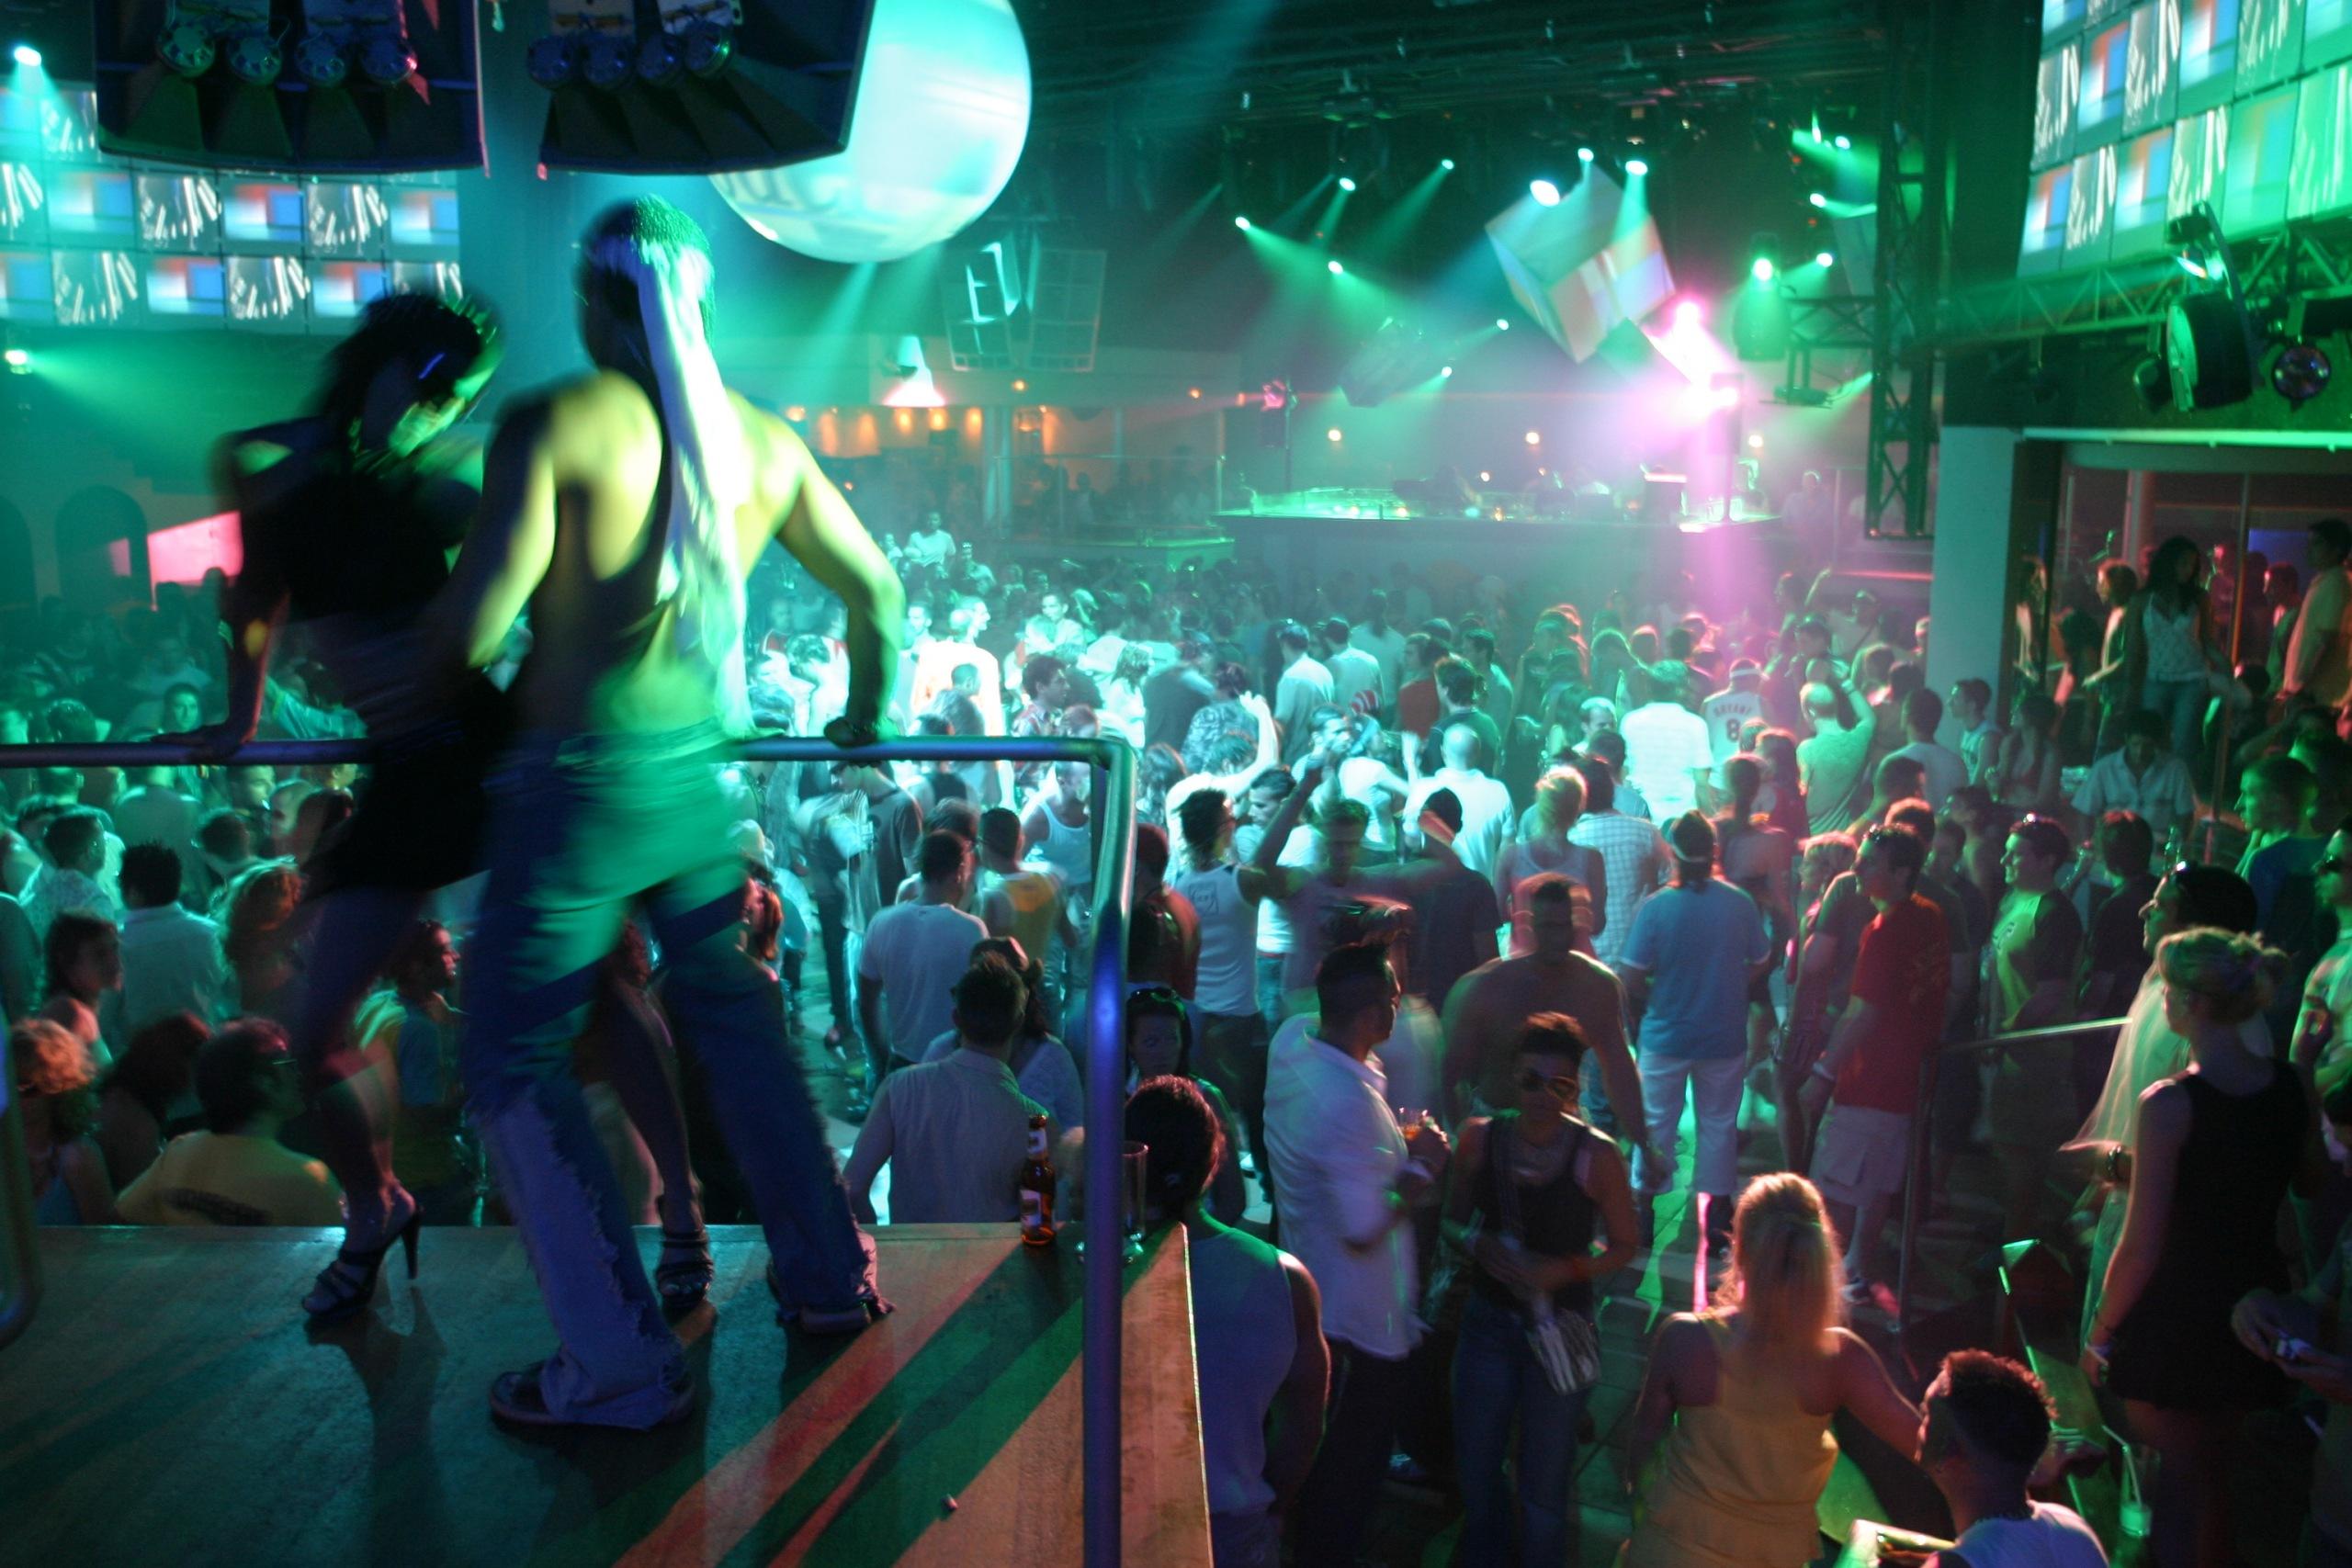 Смотреть развлечения в ночном клубе 8 фотография